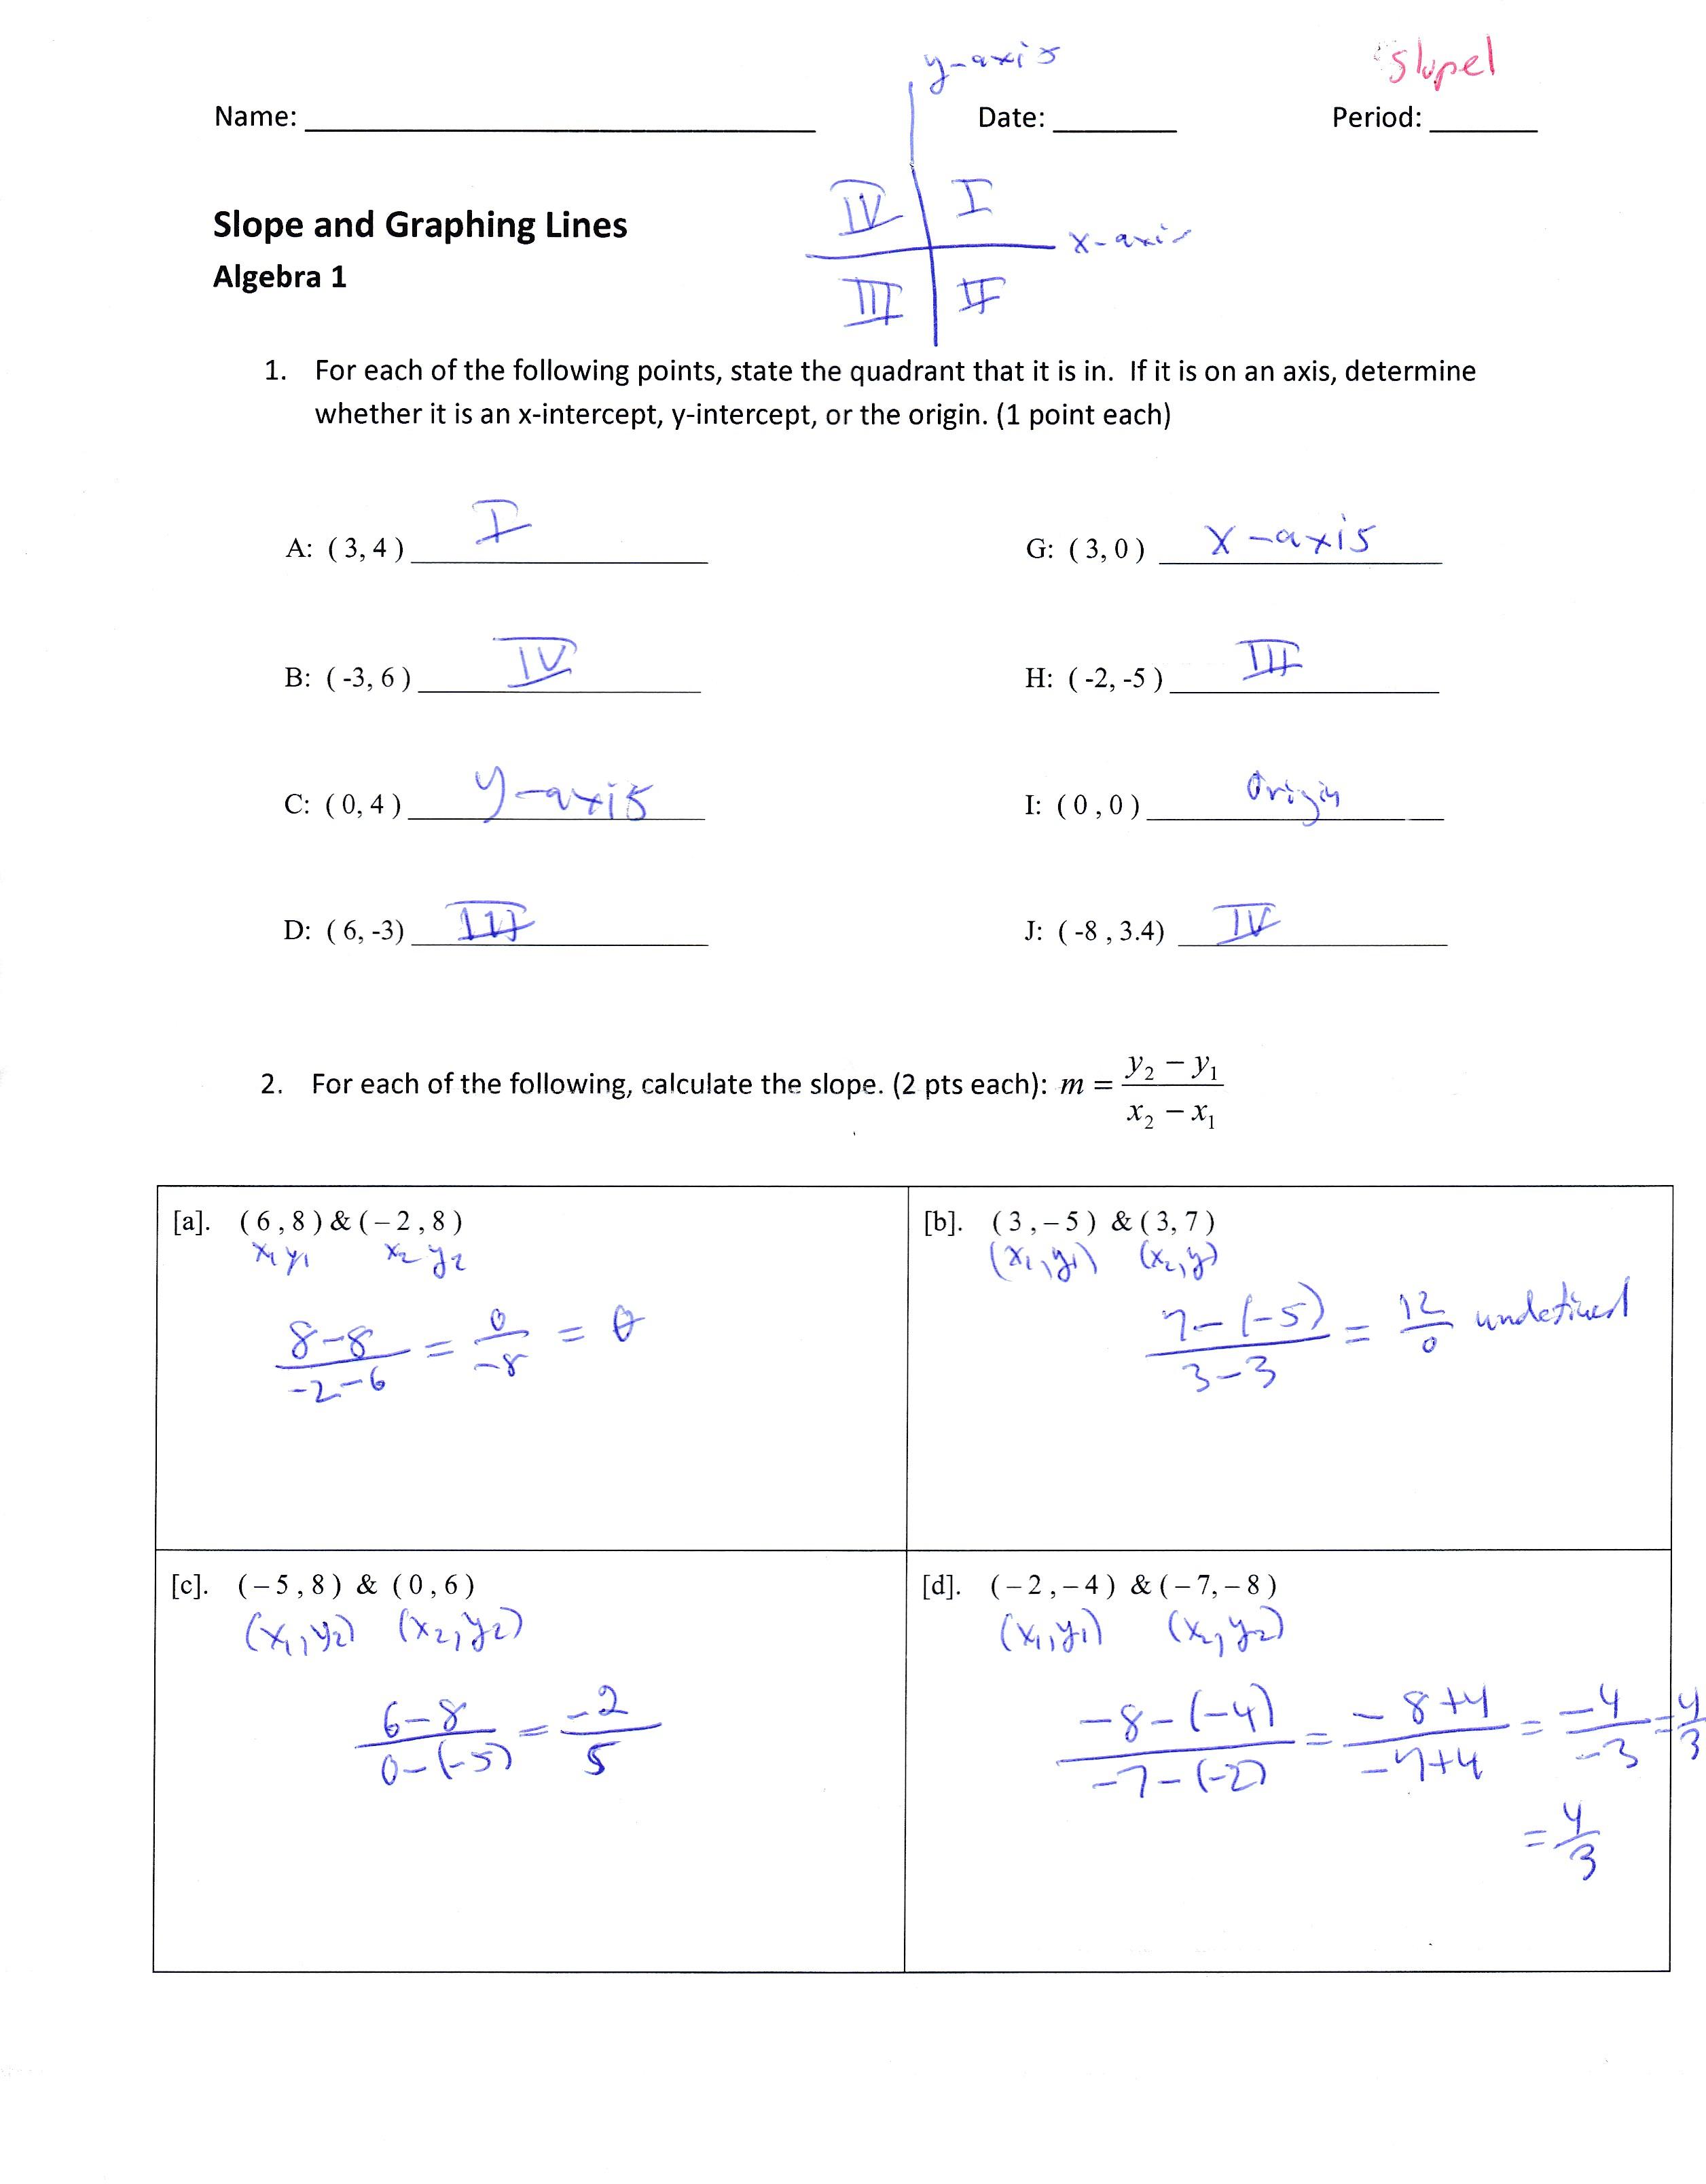 worksheet Algebra 1 Problems Queensammy Worksheets for – Slope Problems Worksheet